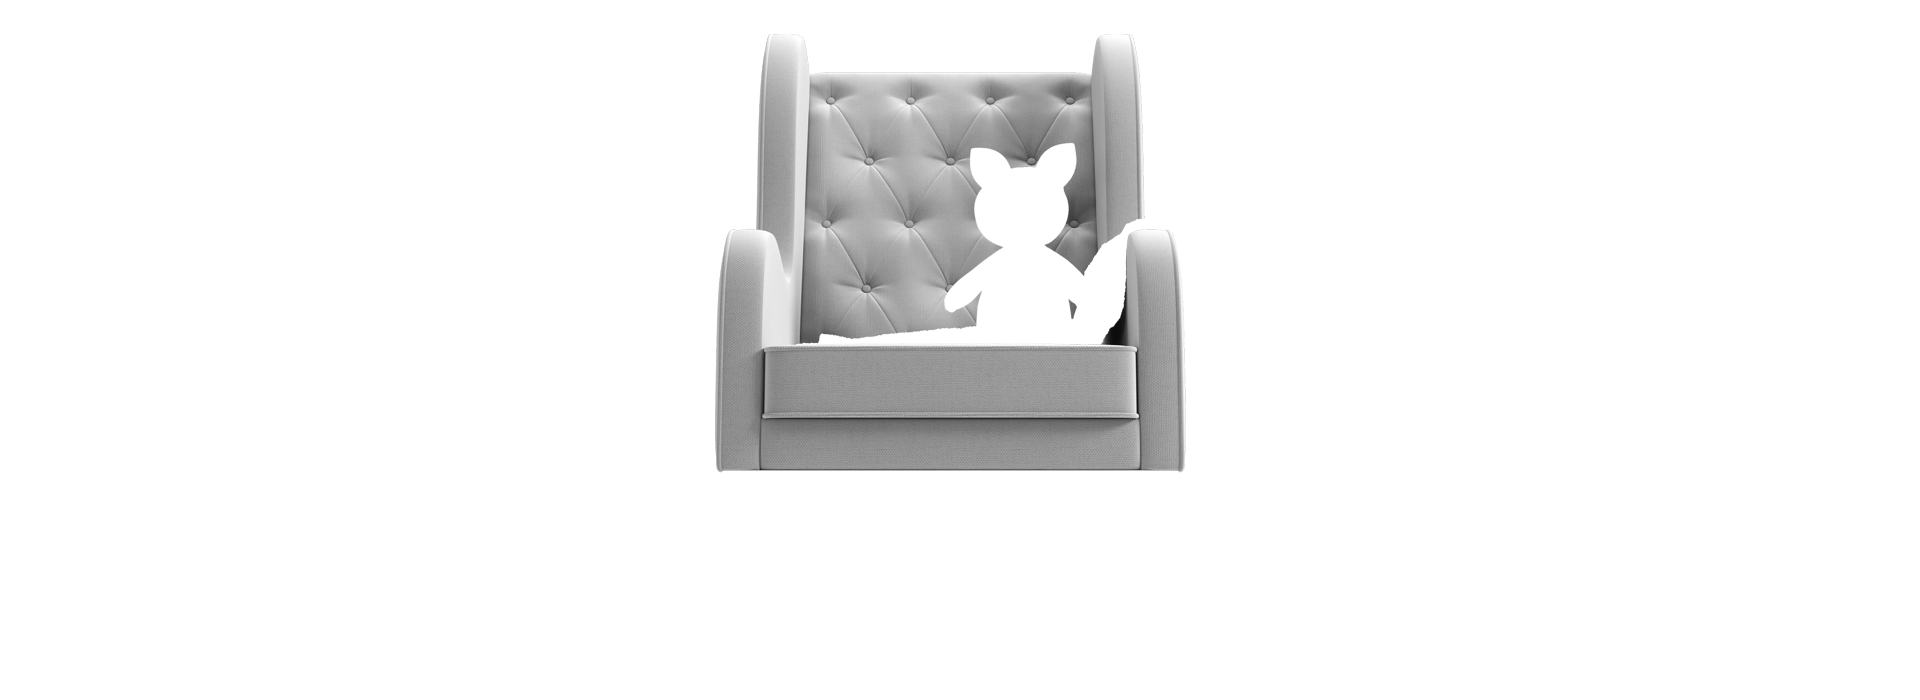 Майа A кресло-качалка - маска 2